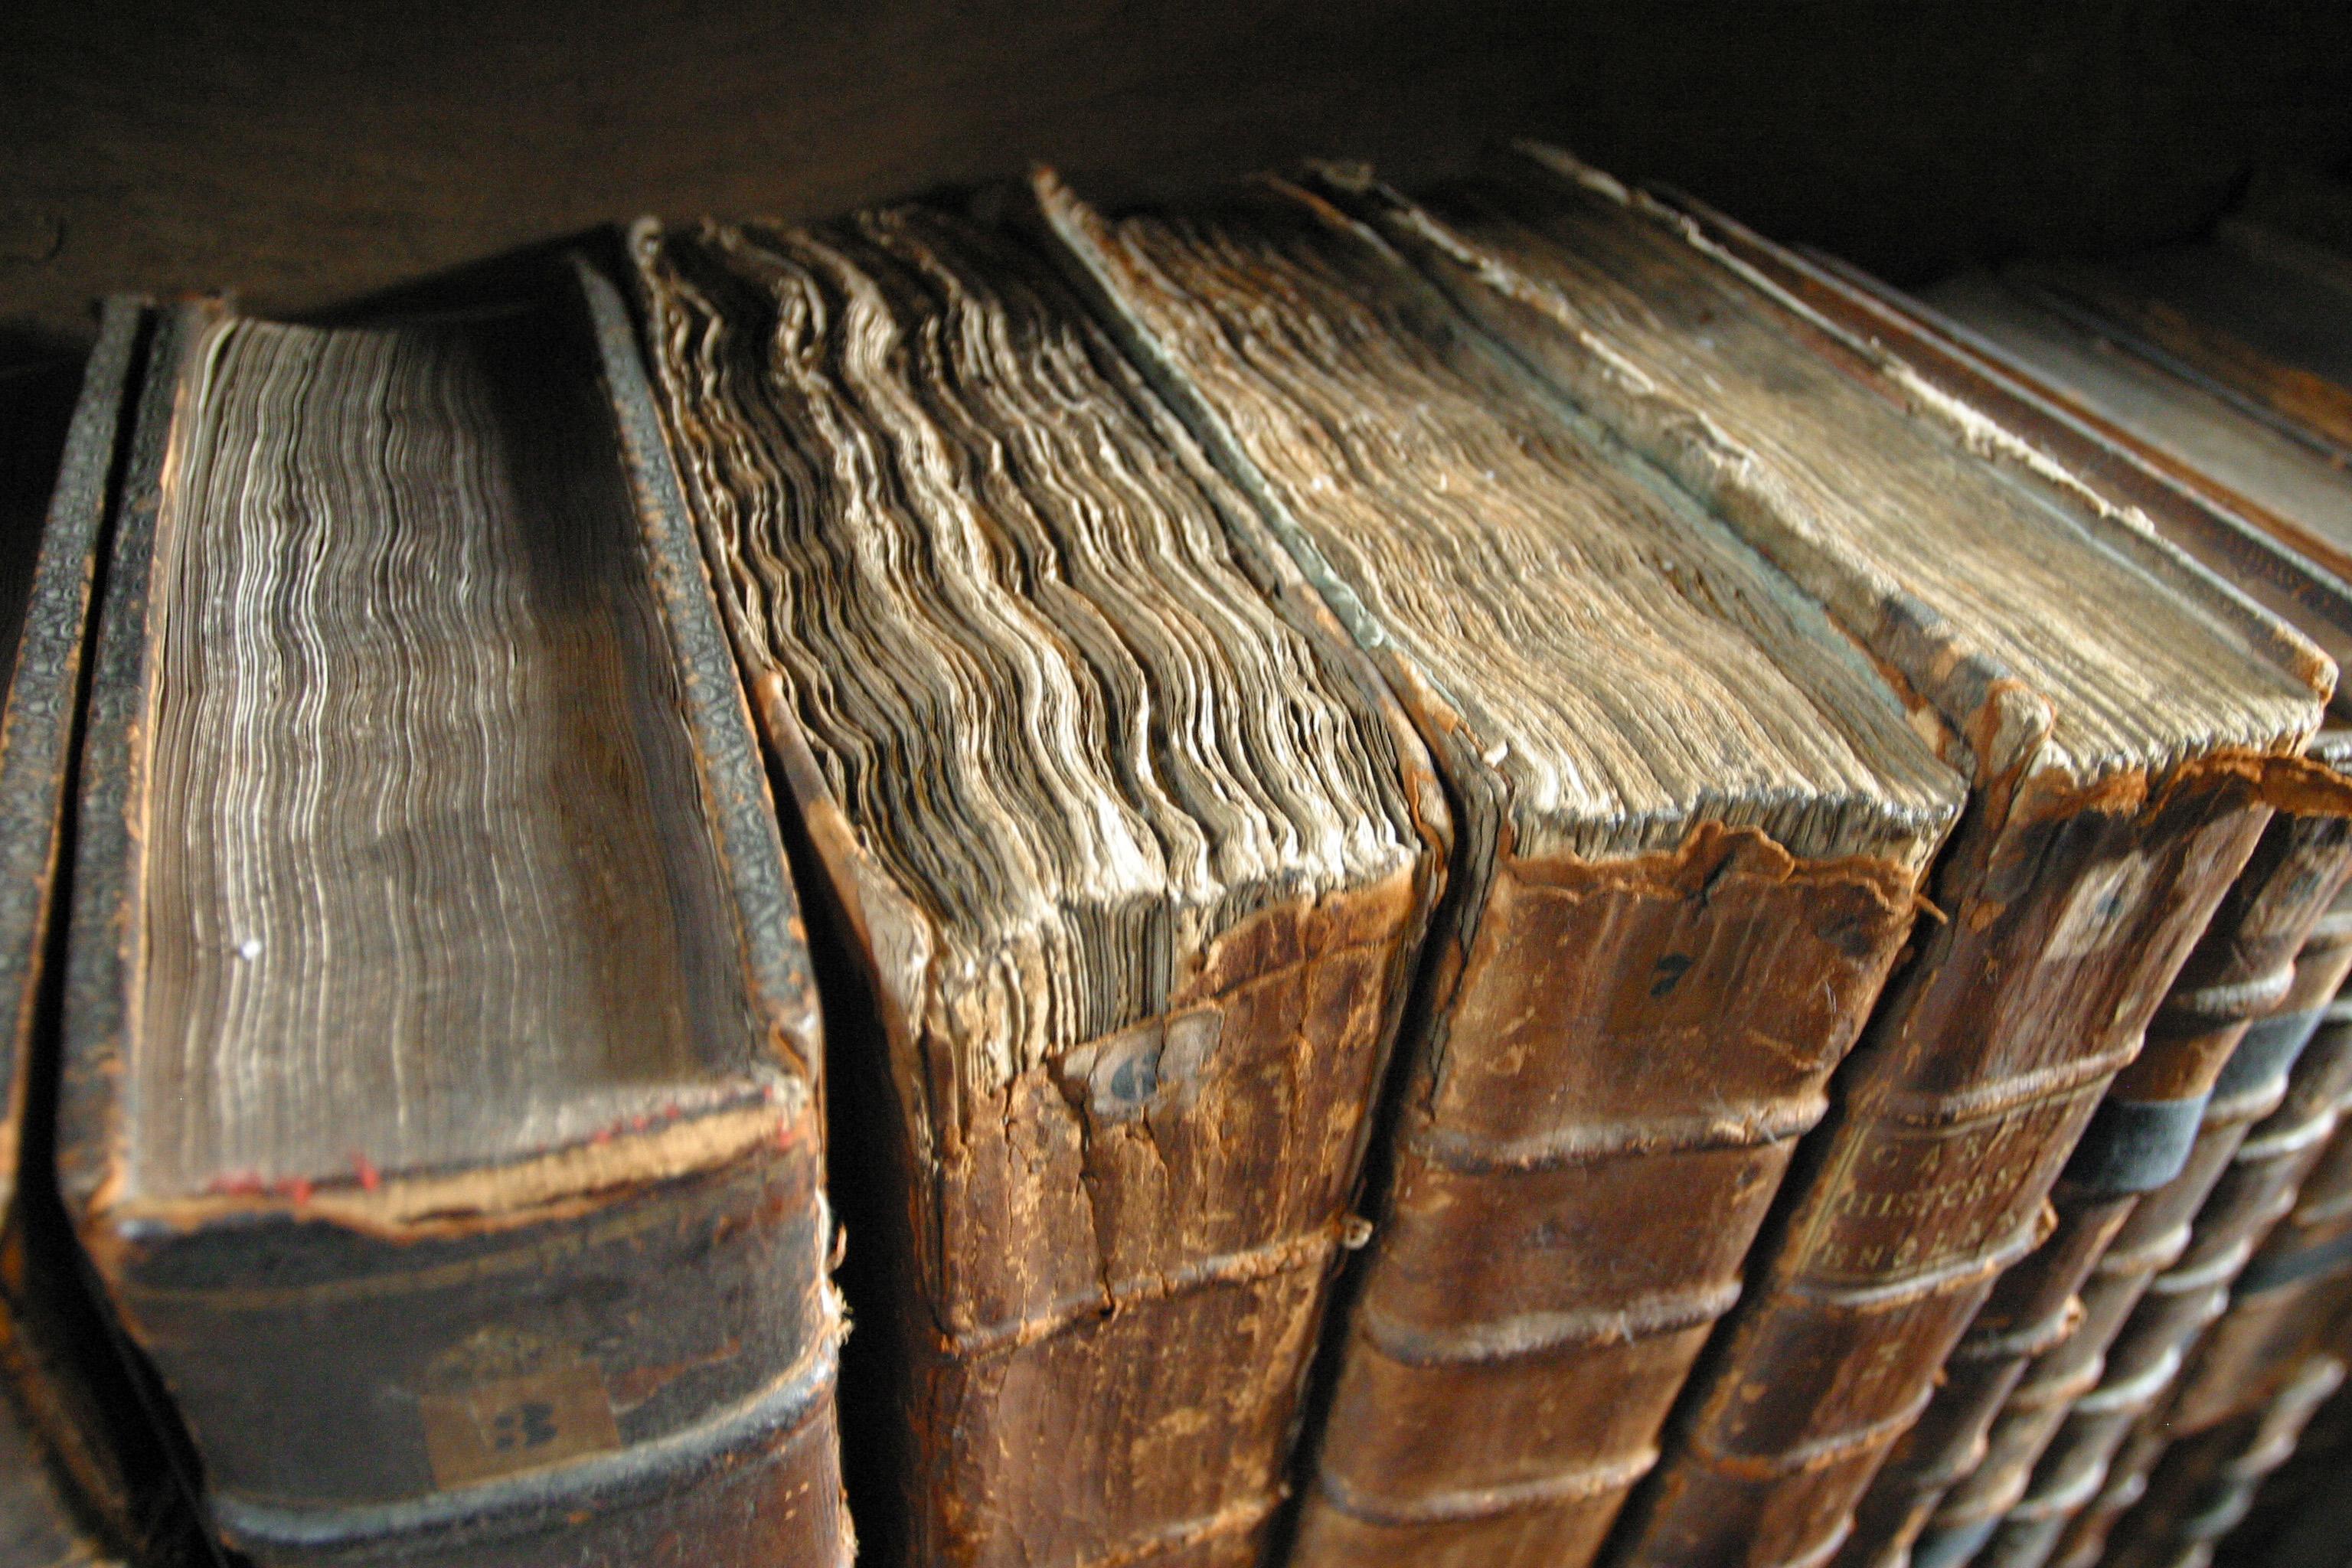 Reliures de livres anciens, à la bibliothèque du Merton College, à Oxford (Angleterre).